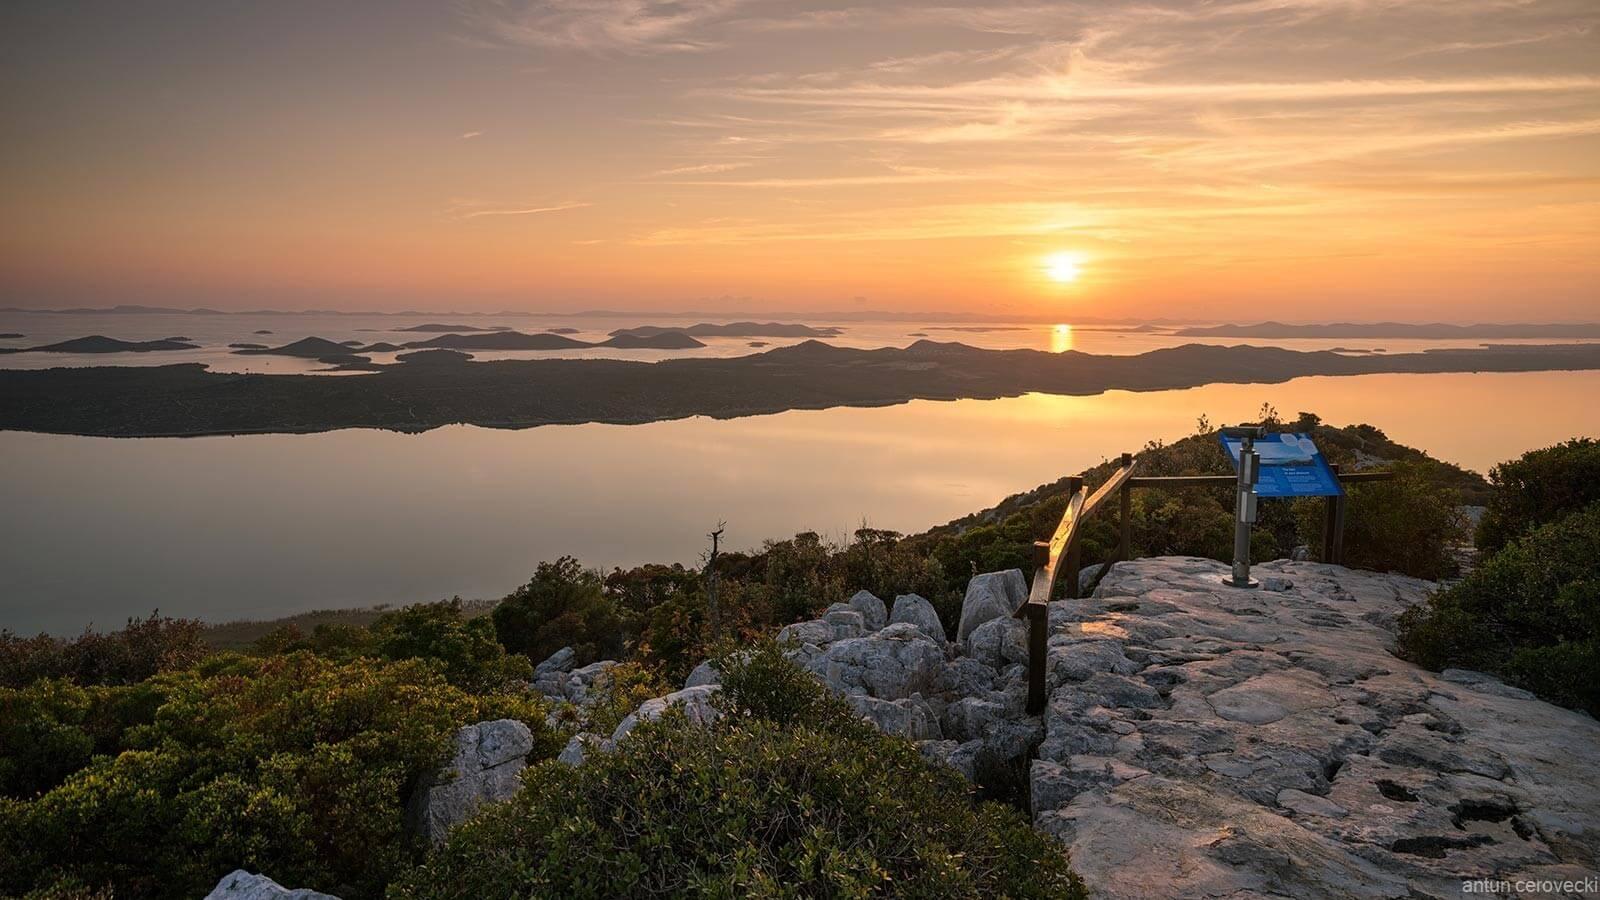 Vrana entre terre et mer, l'authenticité et le calme pour les amoureux de la nature en Dalmatie 3